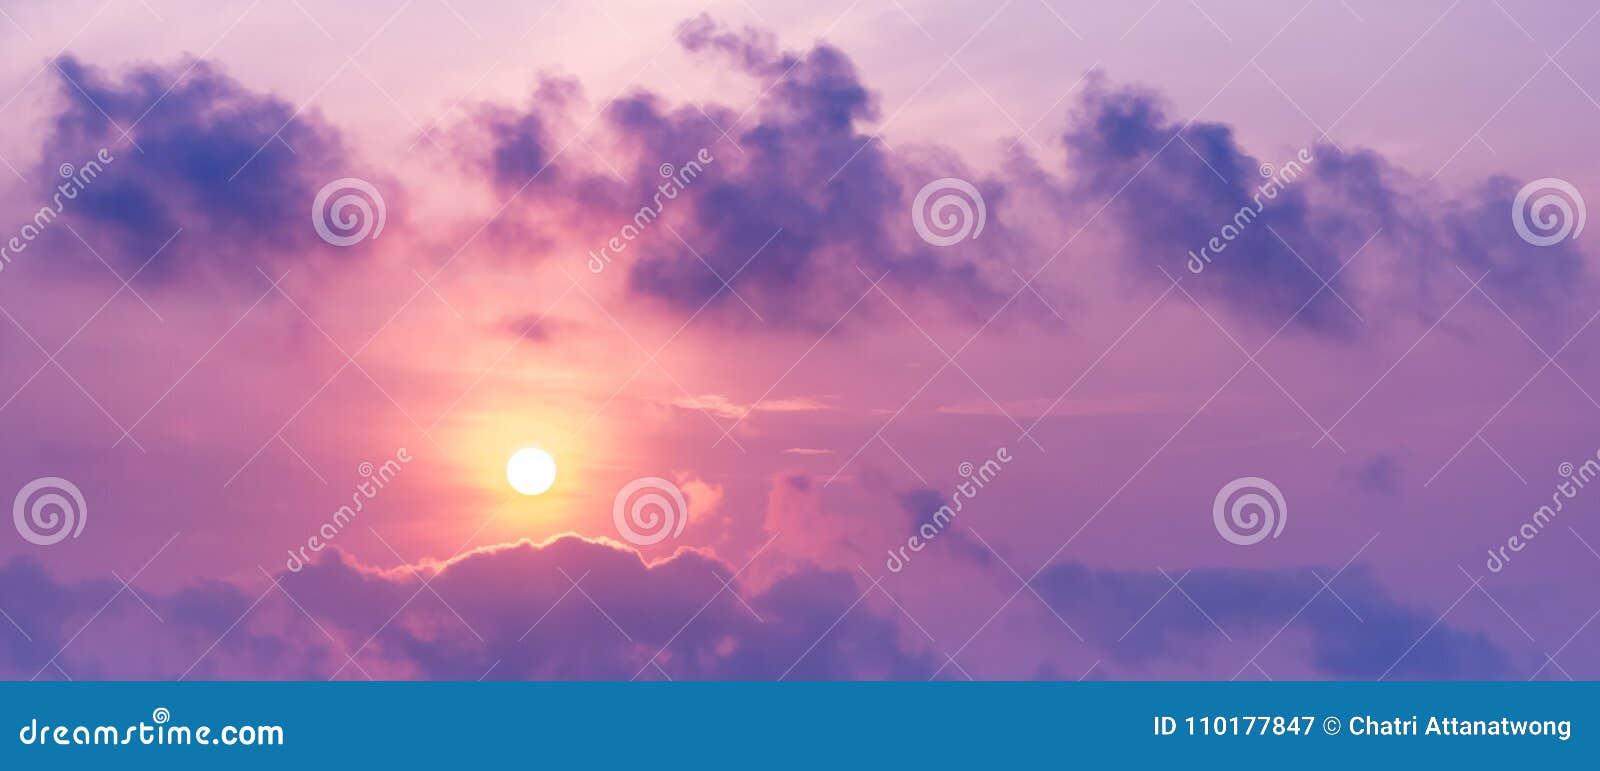 Panoramabild der Sonne auf dem Himmel und Wolke setzen in der Dämmerung Zeit purpurroten Tones fest